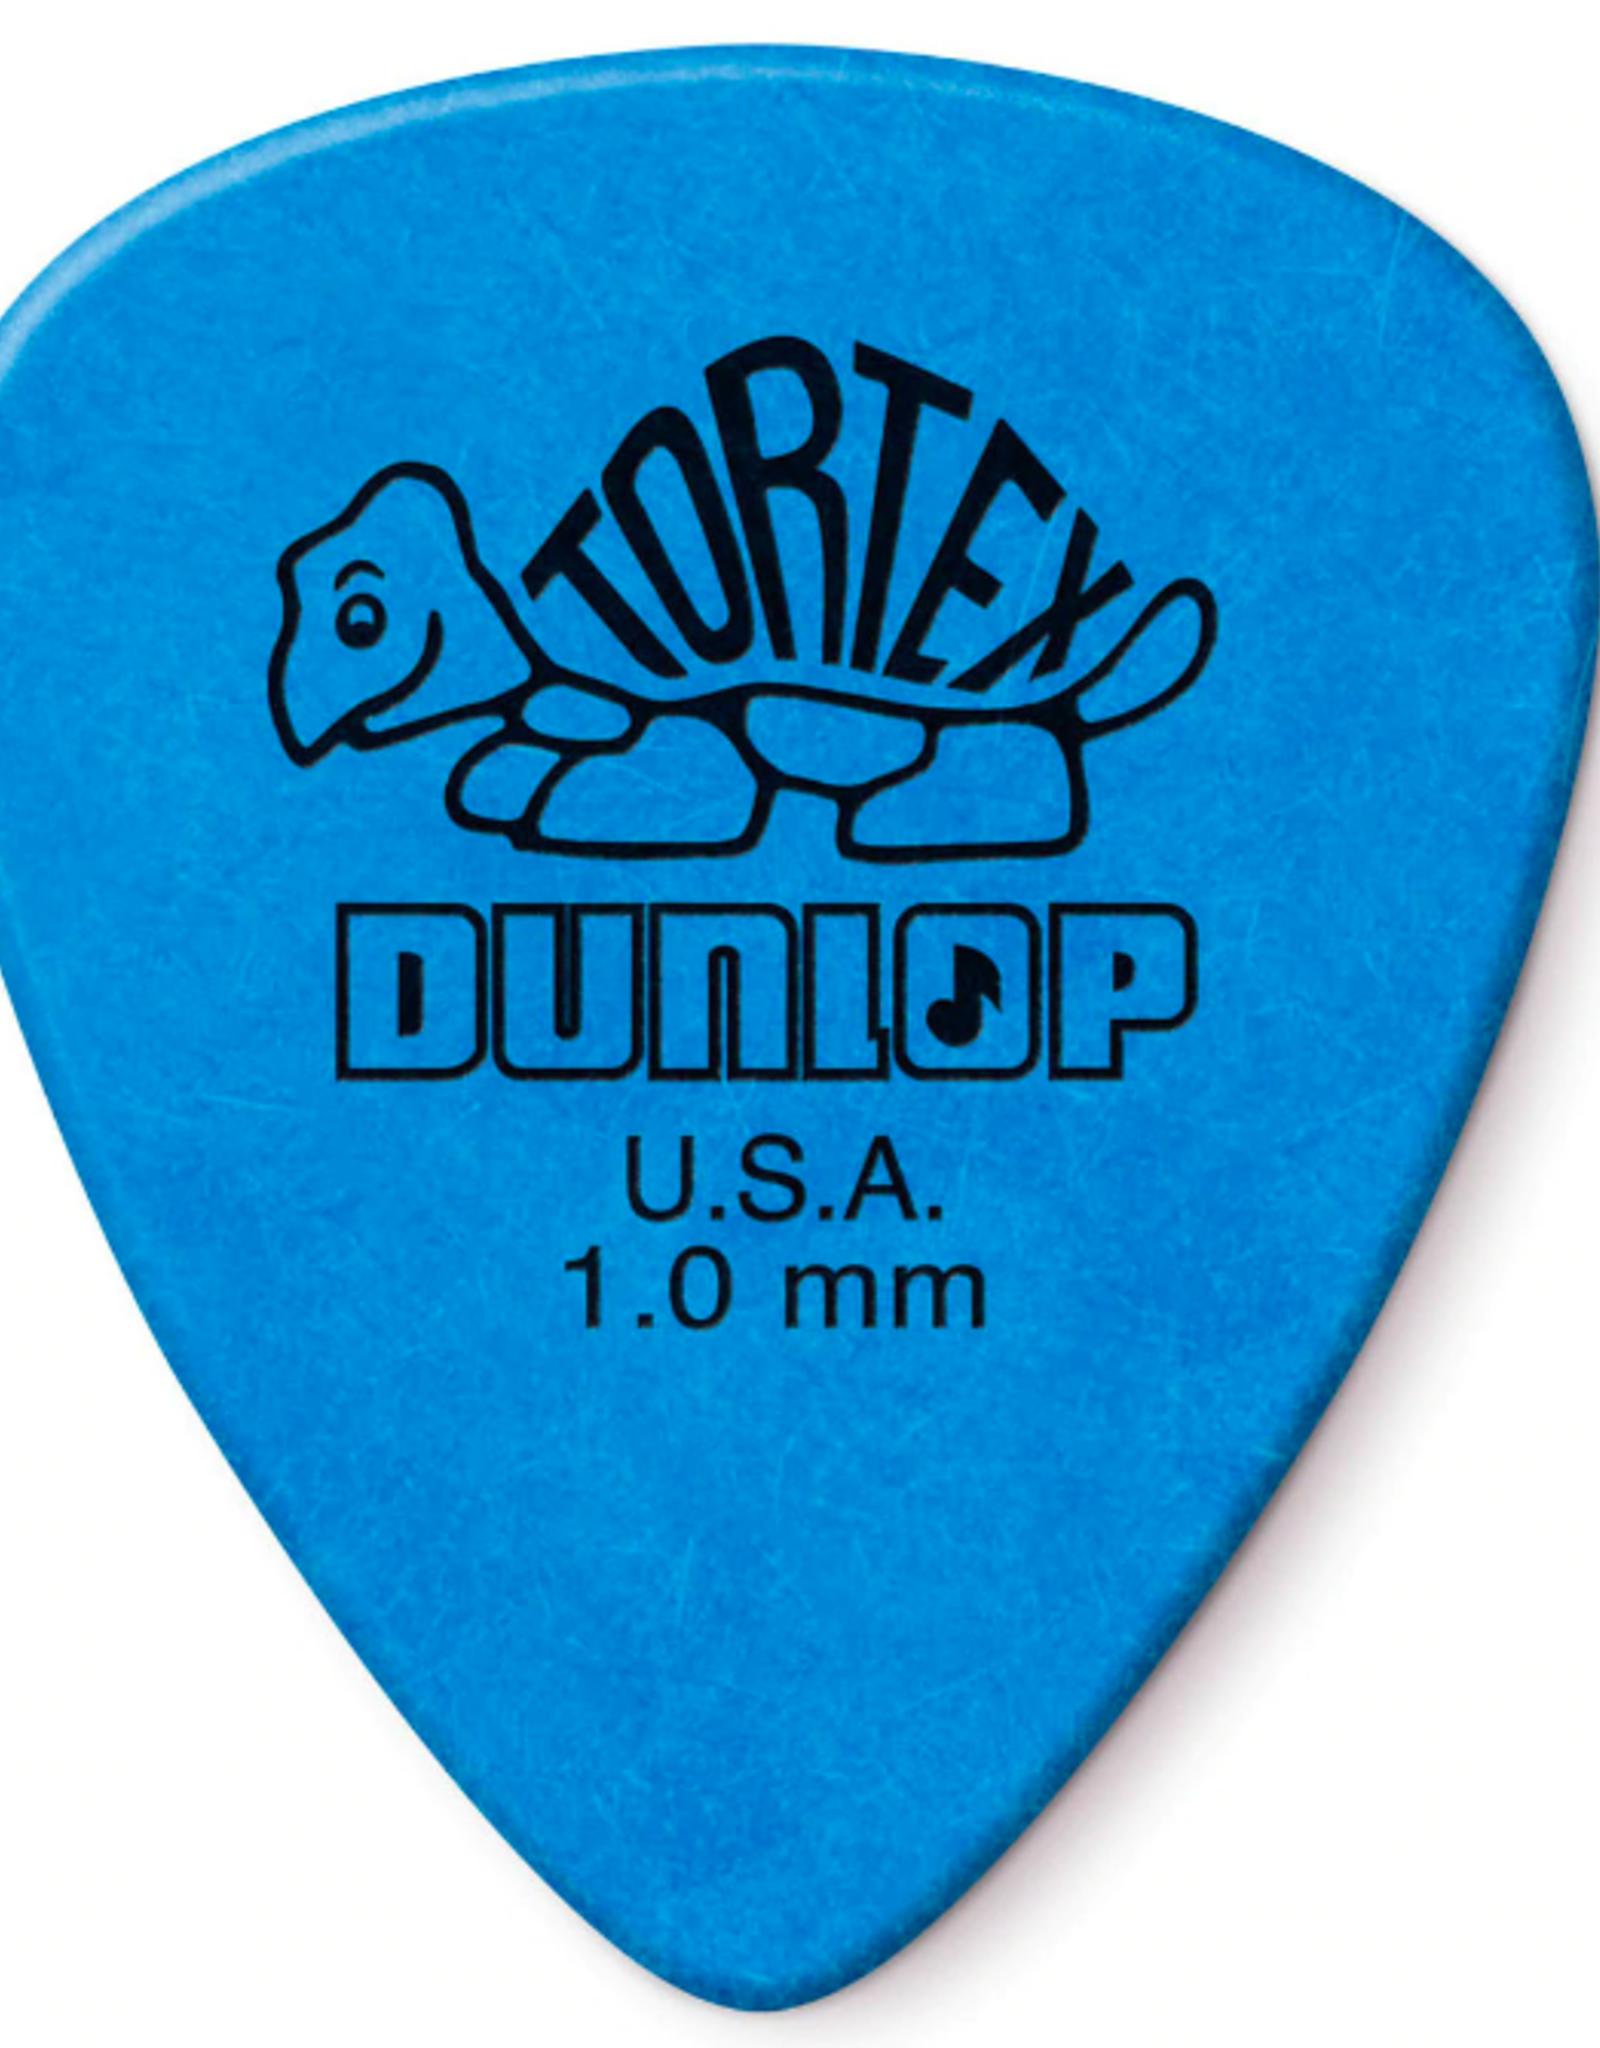 Dunlop Dunlop Tortex Standard 1.0 Player Pack